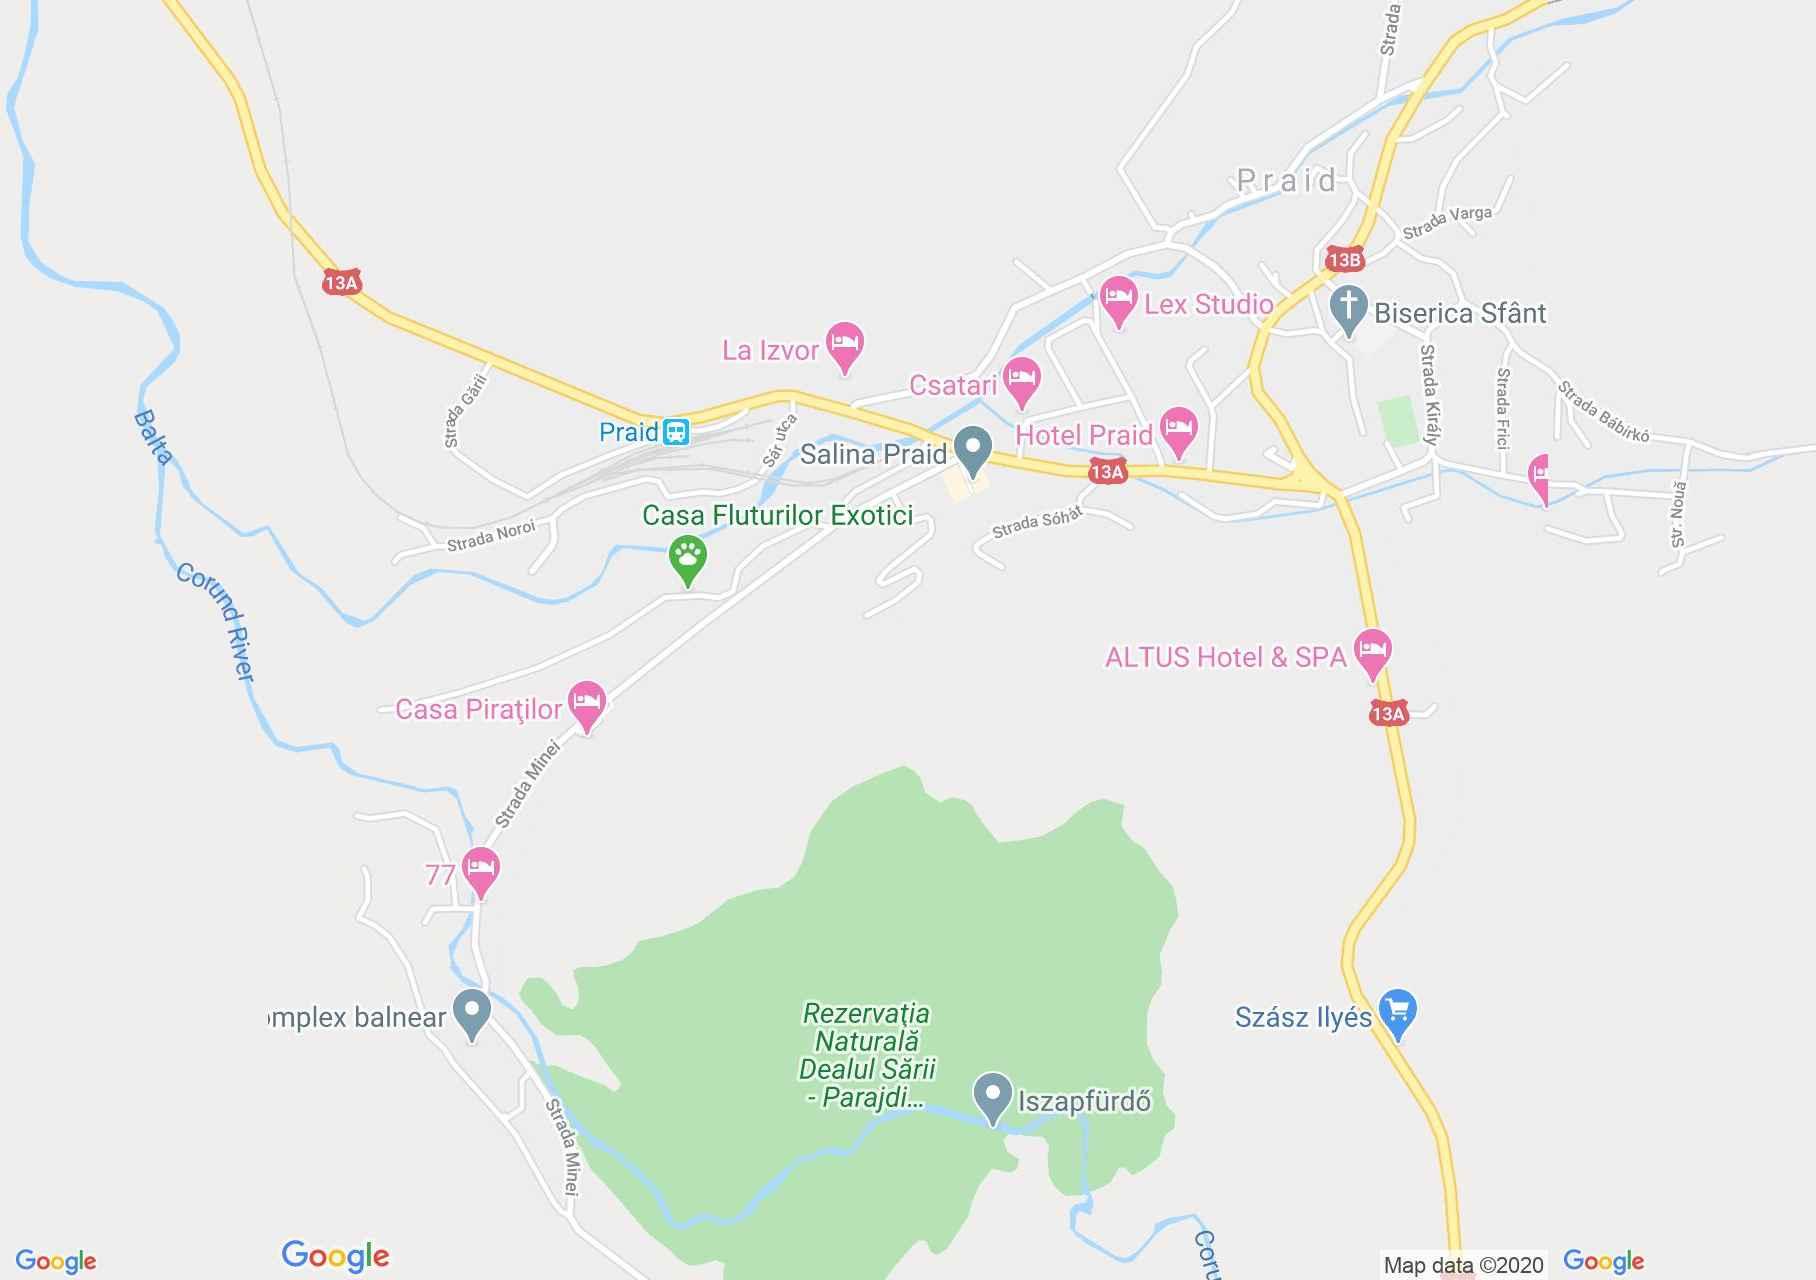 Praid, Harta turistică interactivă